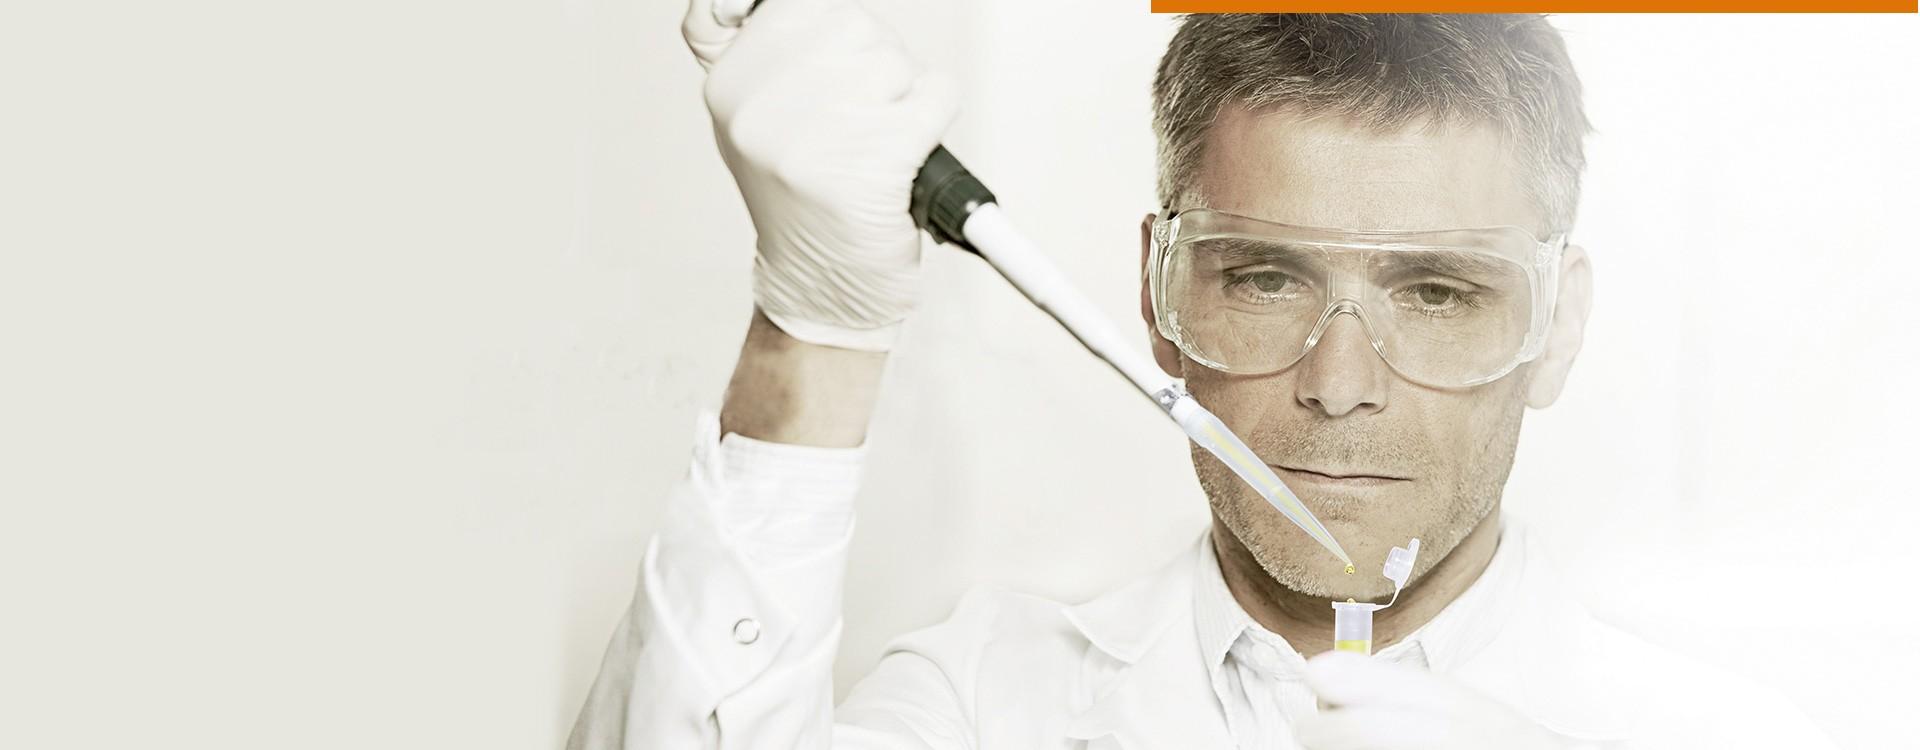 金属加工液在应用过程中容易出现的问题分析及其解决方法